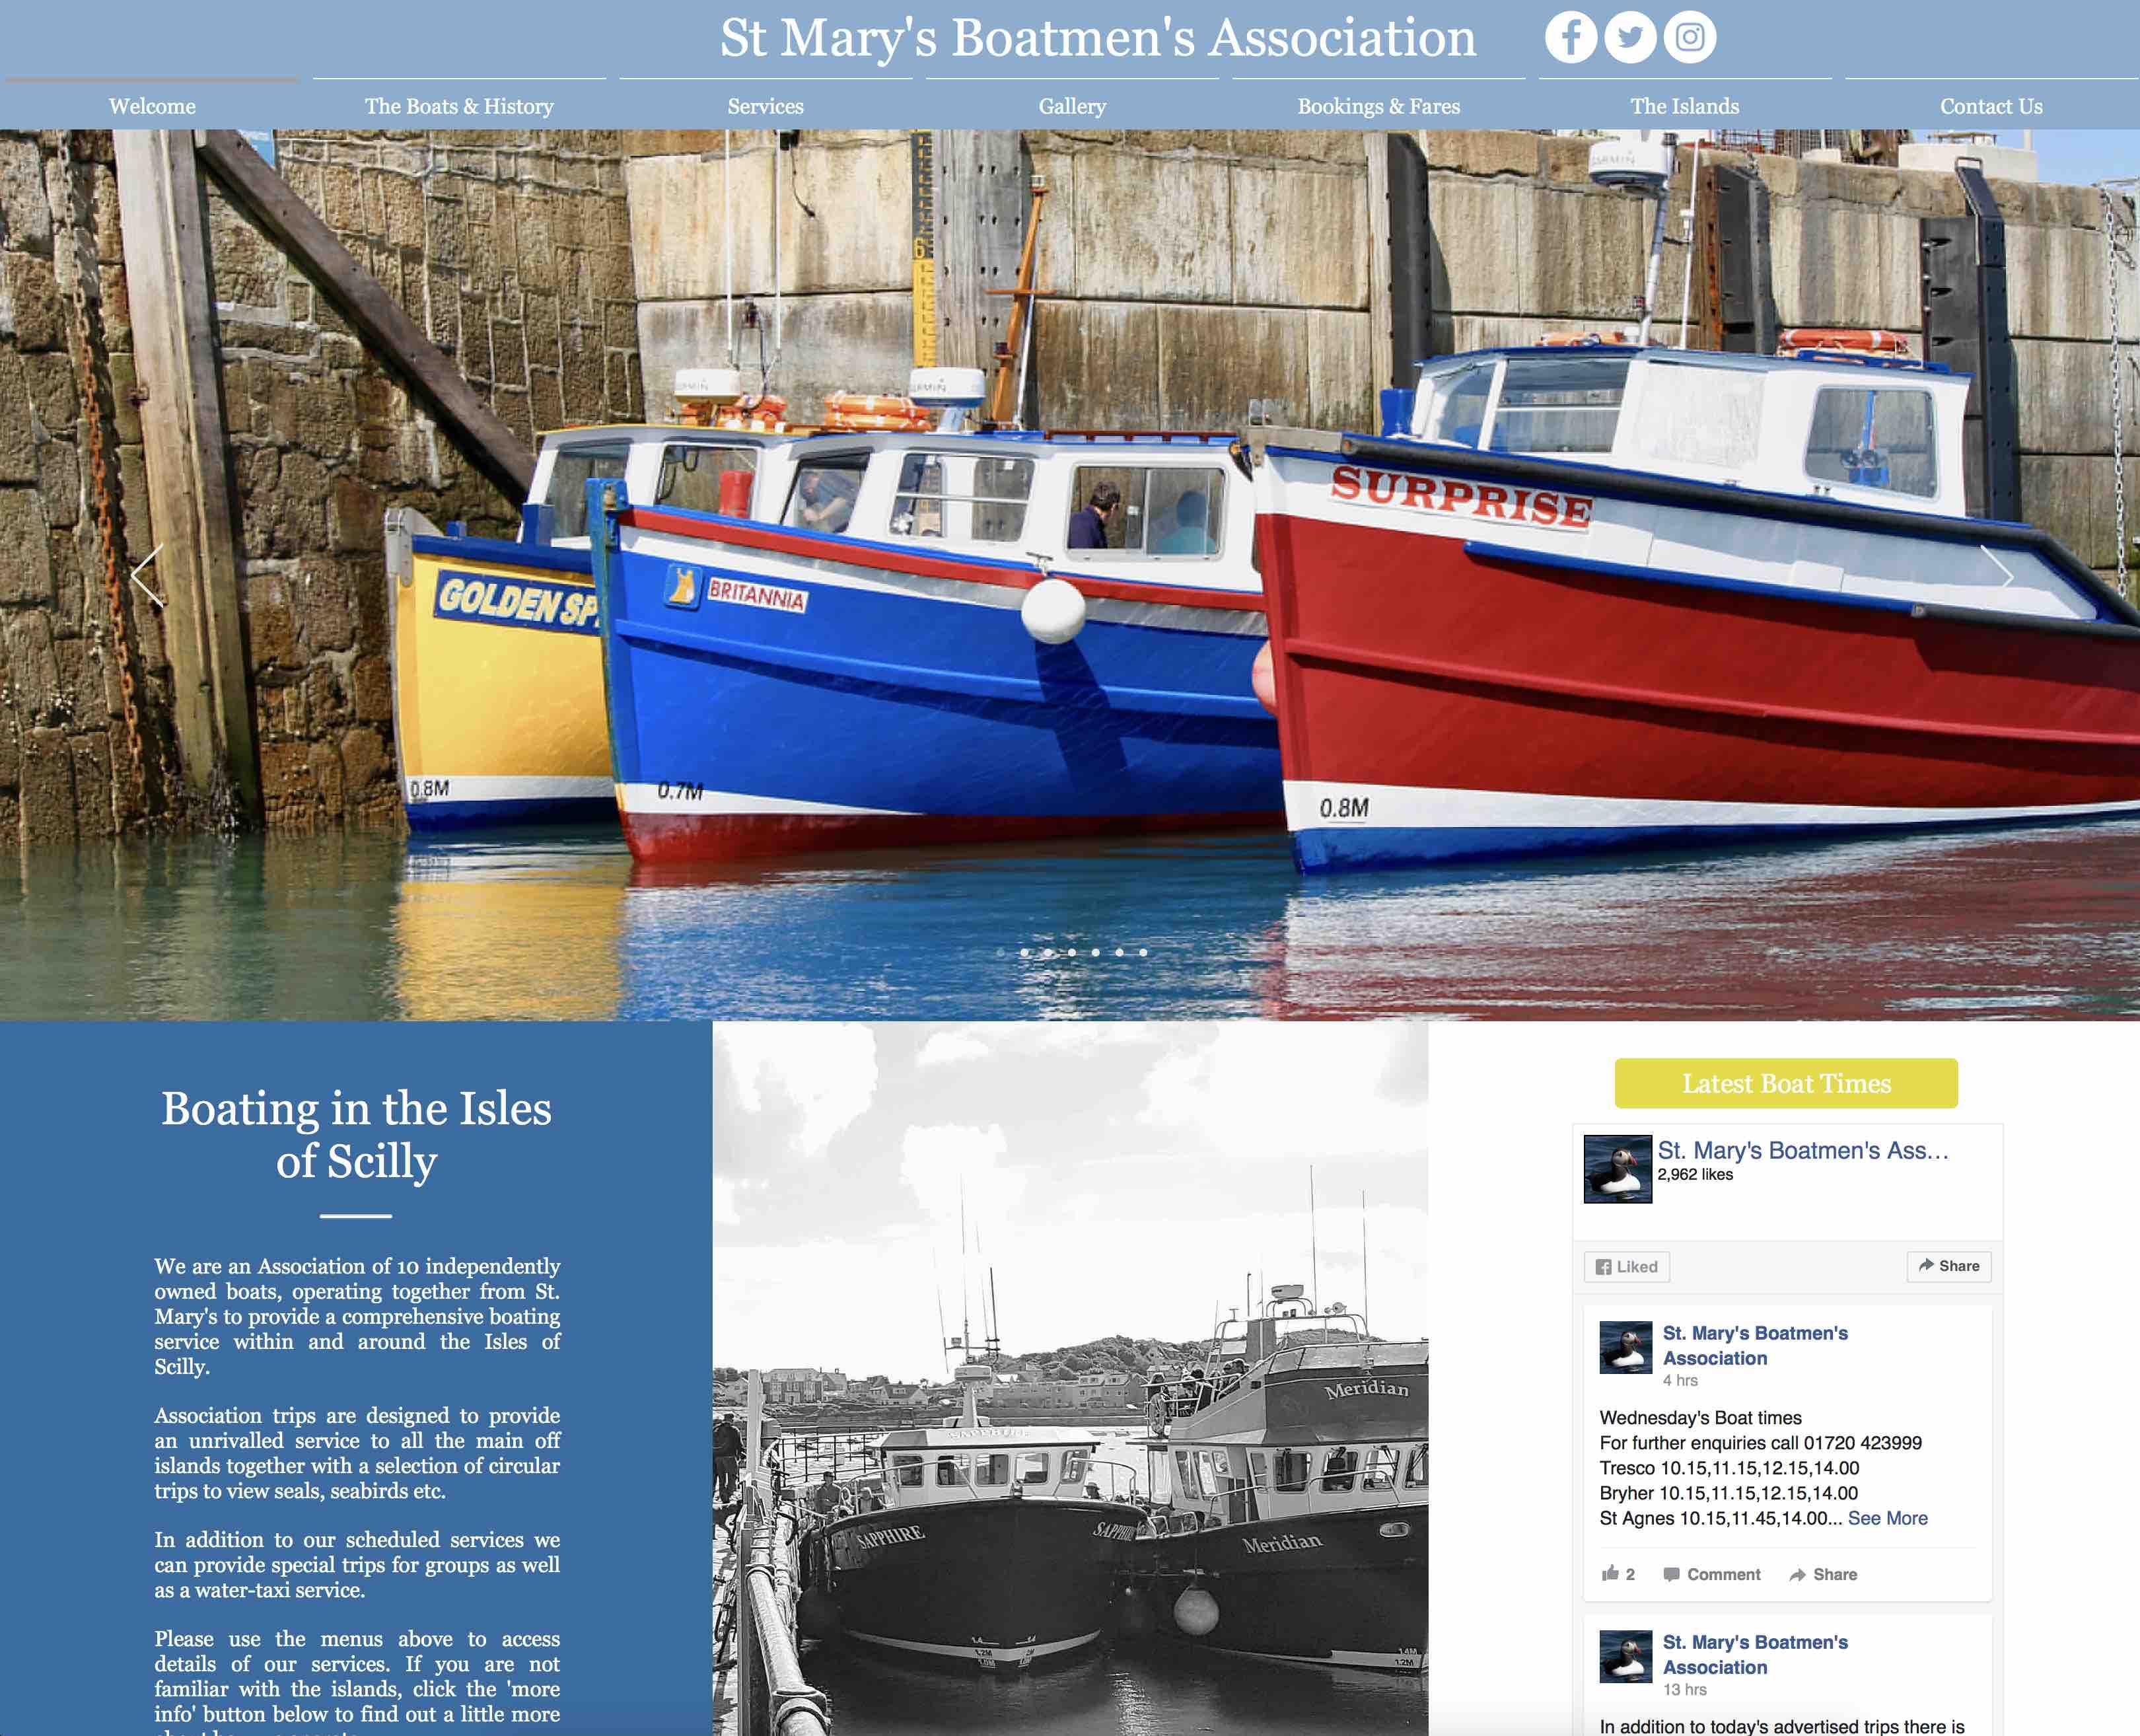 St Mary's Boatmen's Association